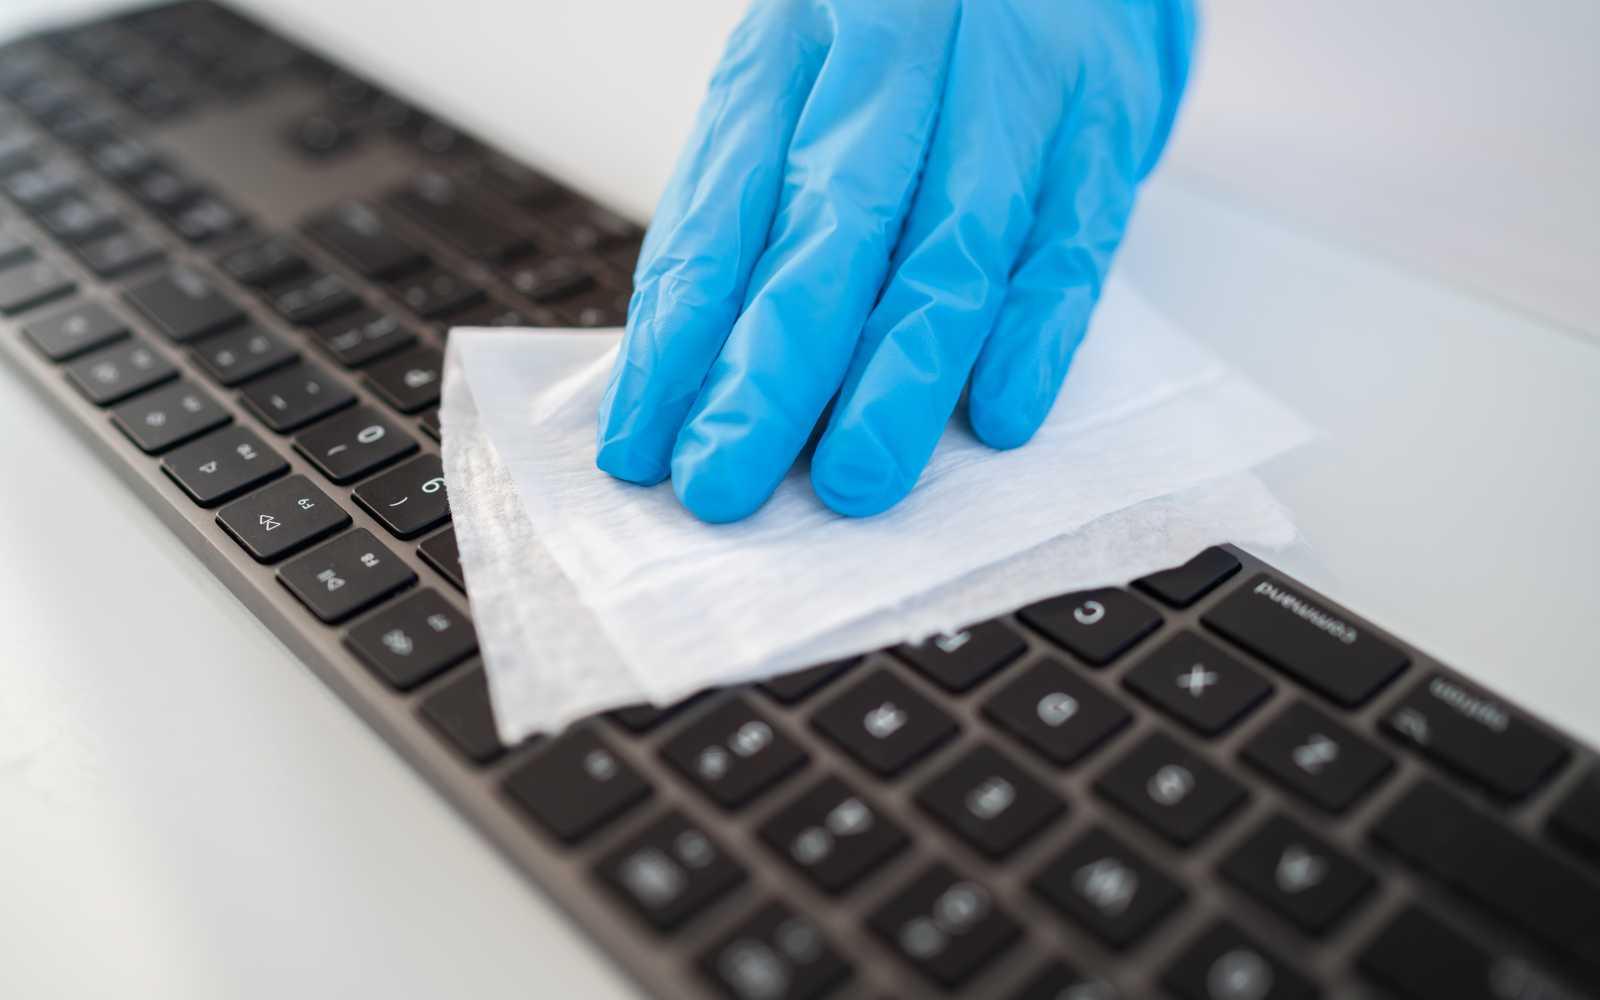 Come igienizzare tastiera e pc